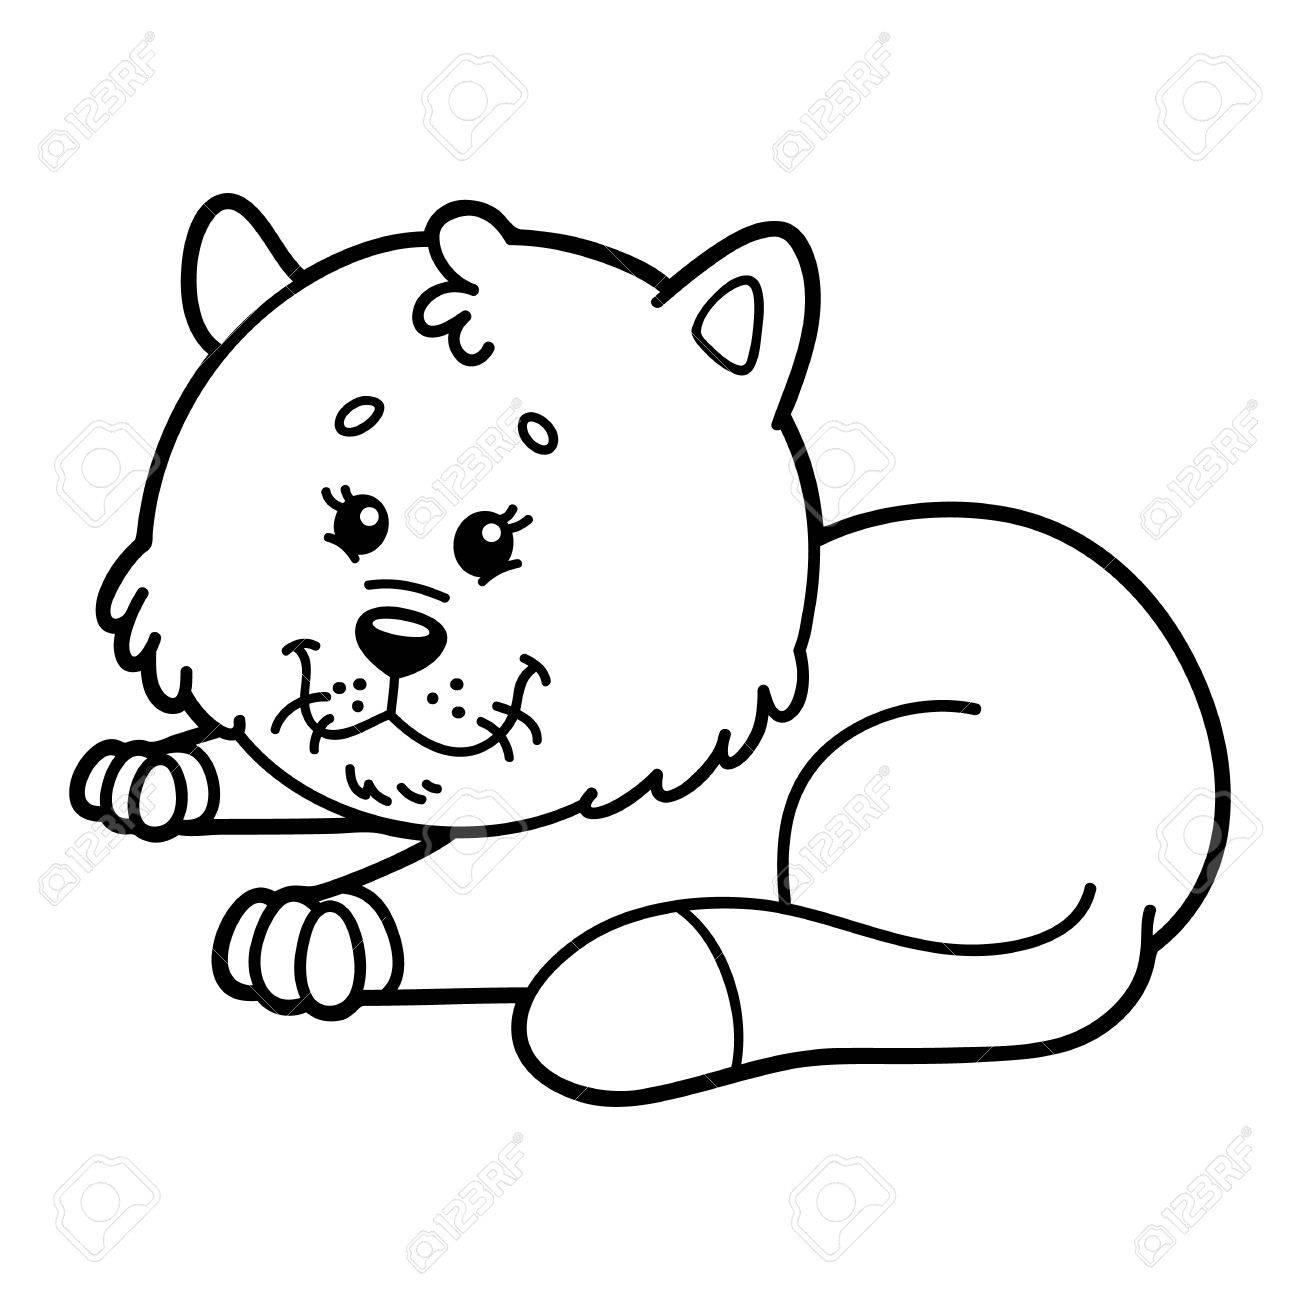 Süße Katze. Illustration Von Niedlichen Comic-Katze Charakter Für ...